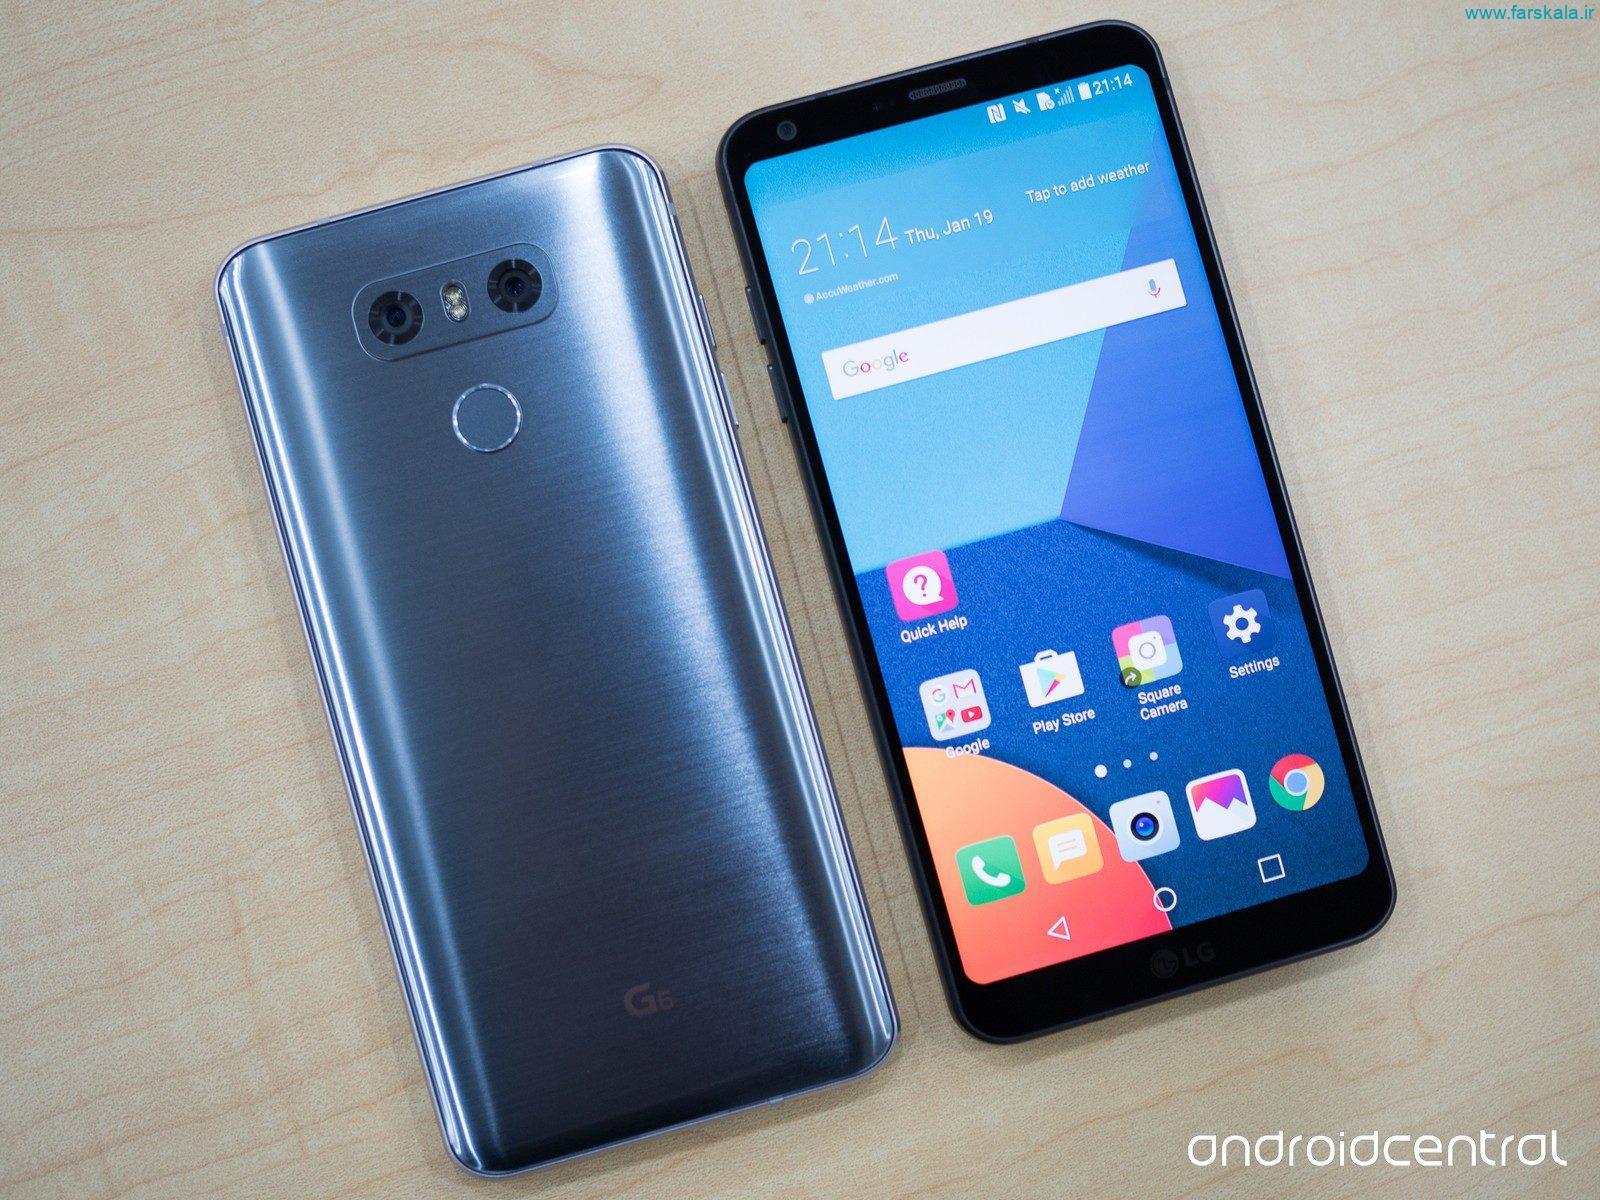 قیمت و مشخصات فنی گوشی LG V35 ThinQ